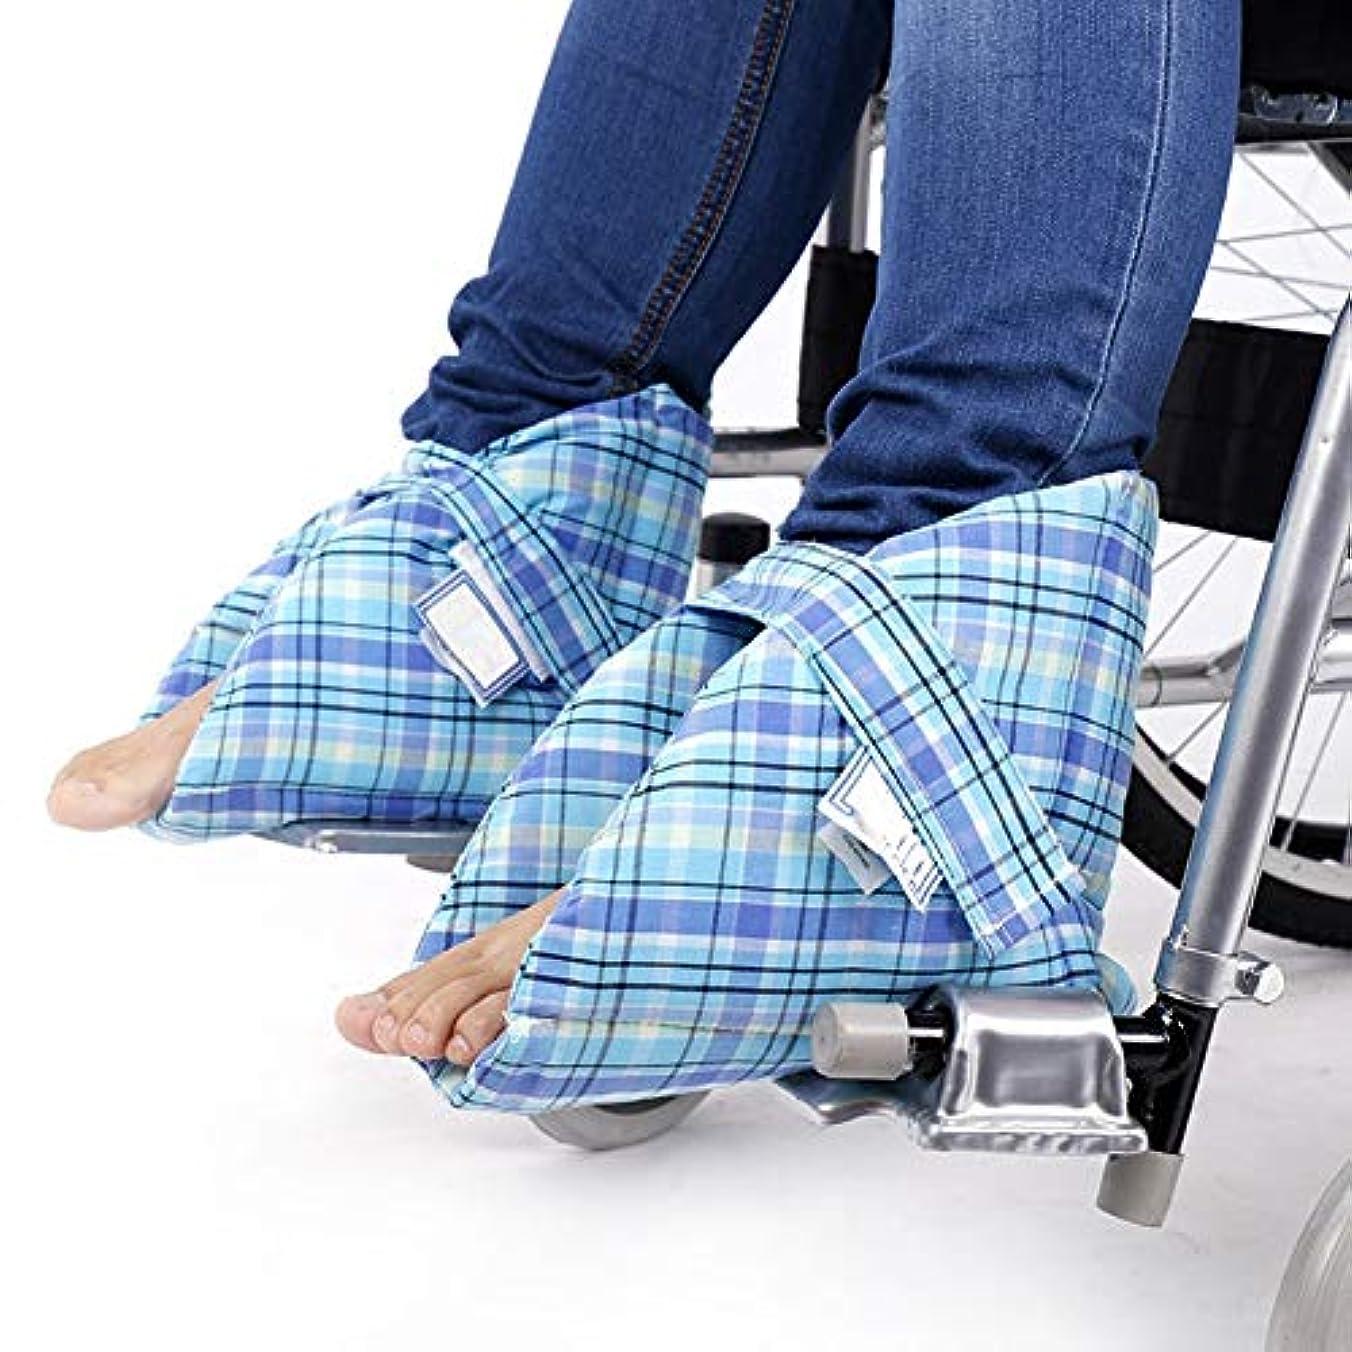 シェル無駄再開フットサポートピロー、かかとプロテクター、ベッドの痛みや潰瘍の治療用、足の圧迫を和らげる、1ペア